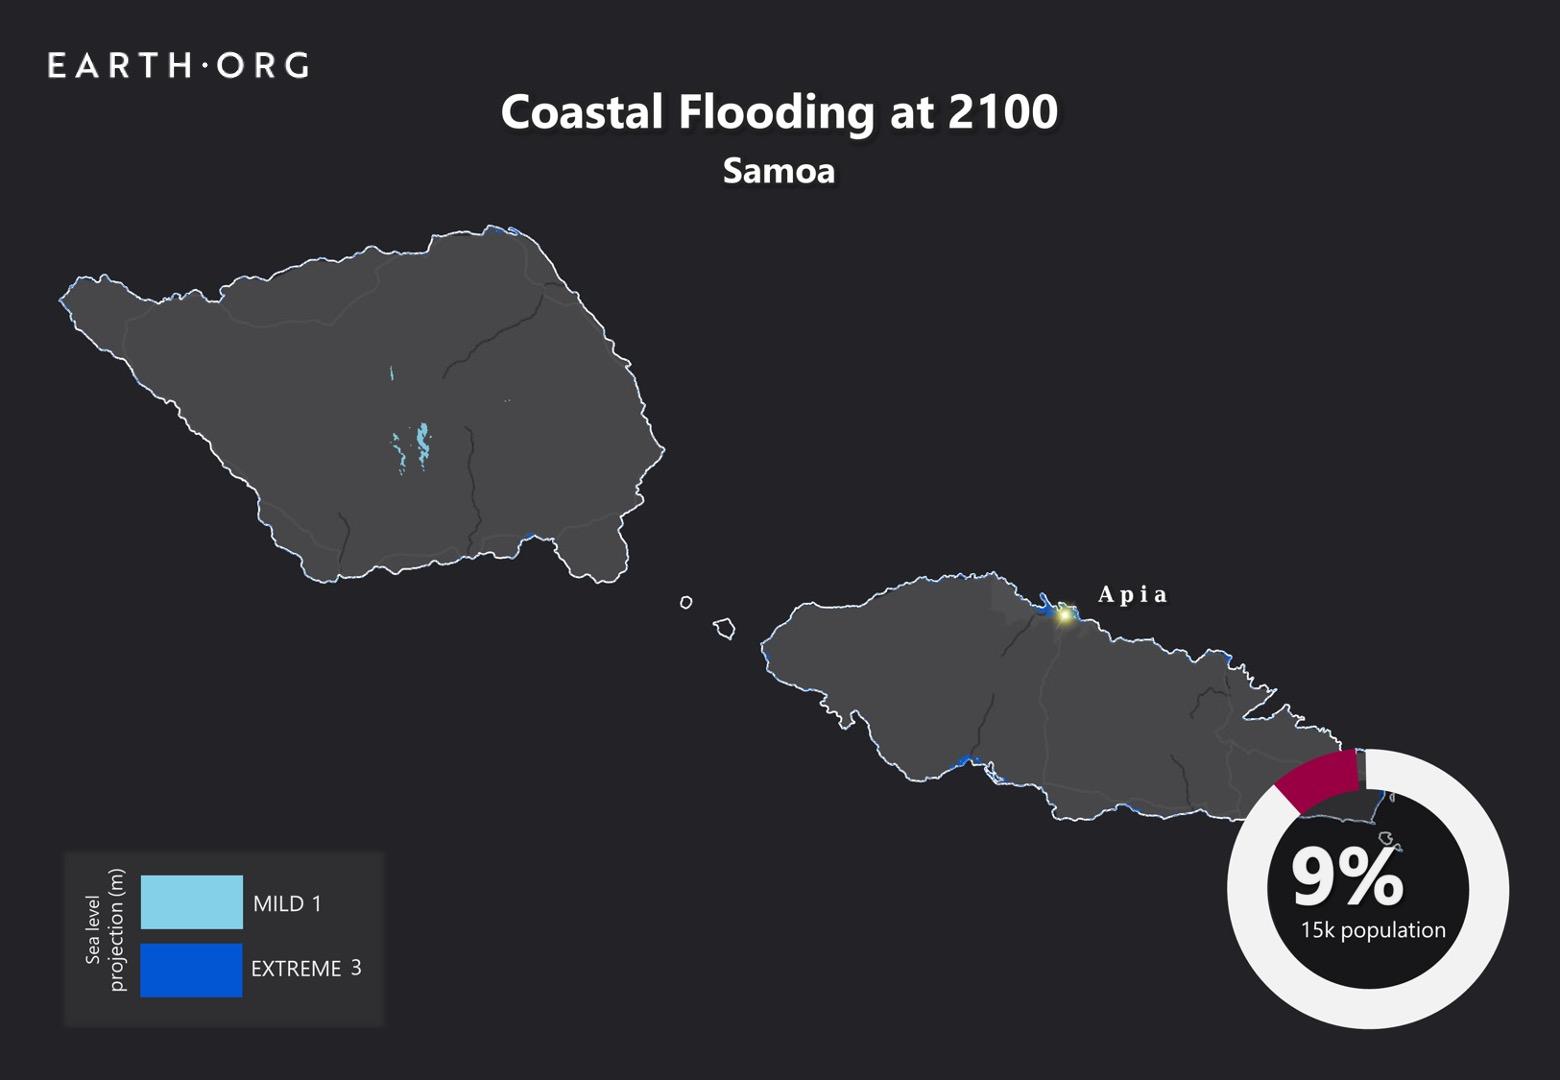 sea level rise by 2100 samoa